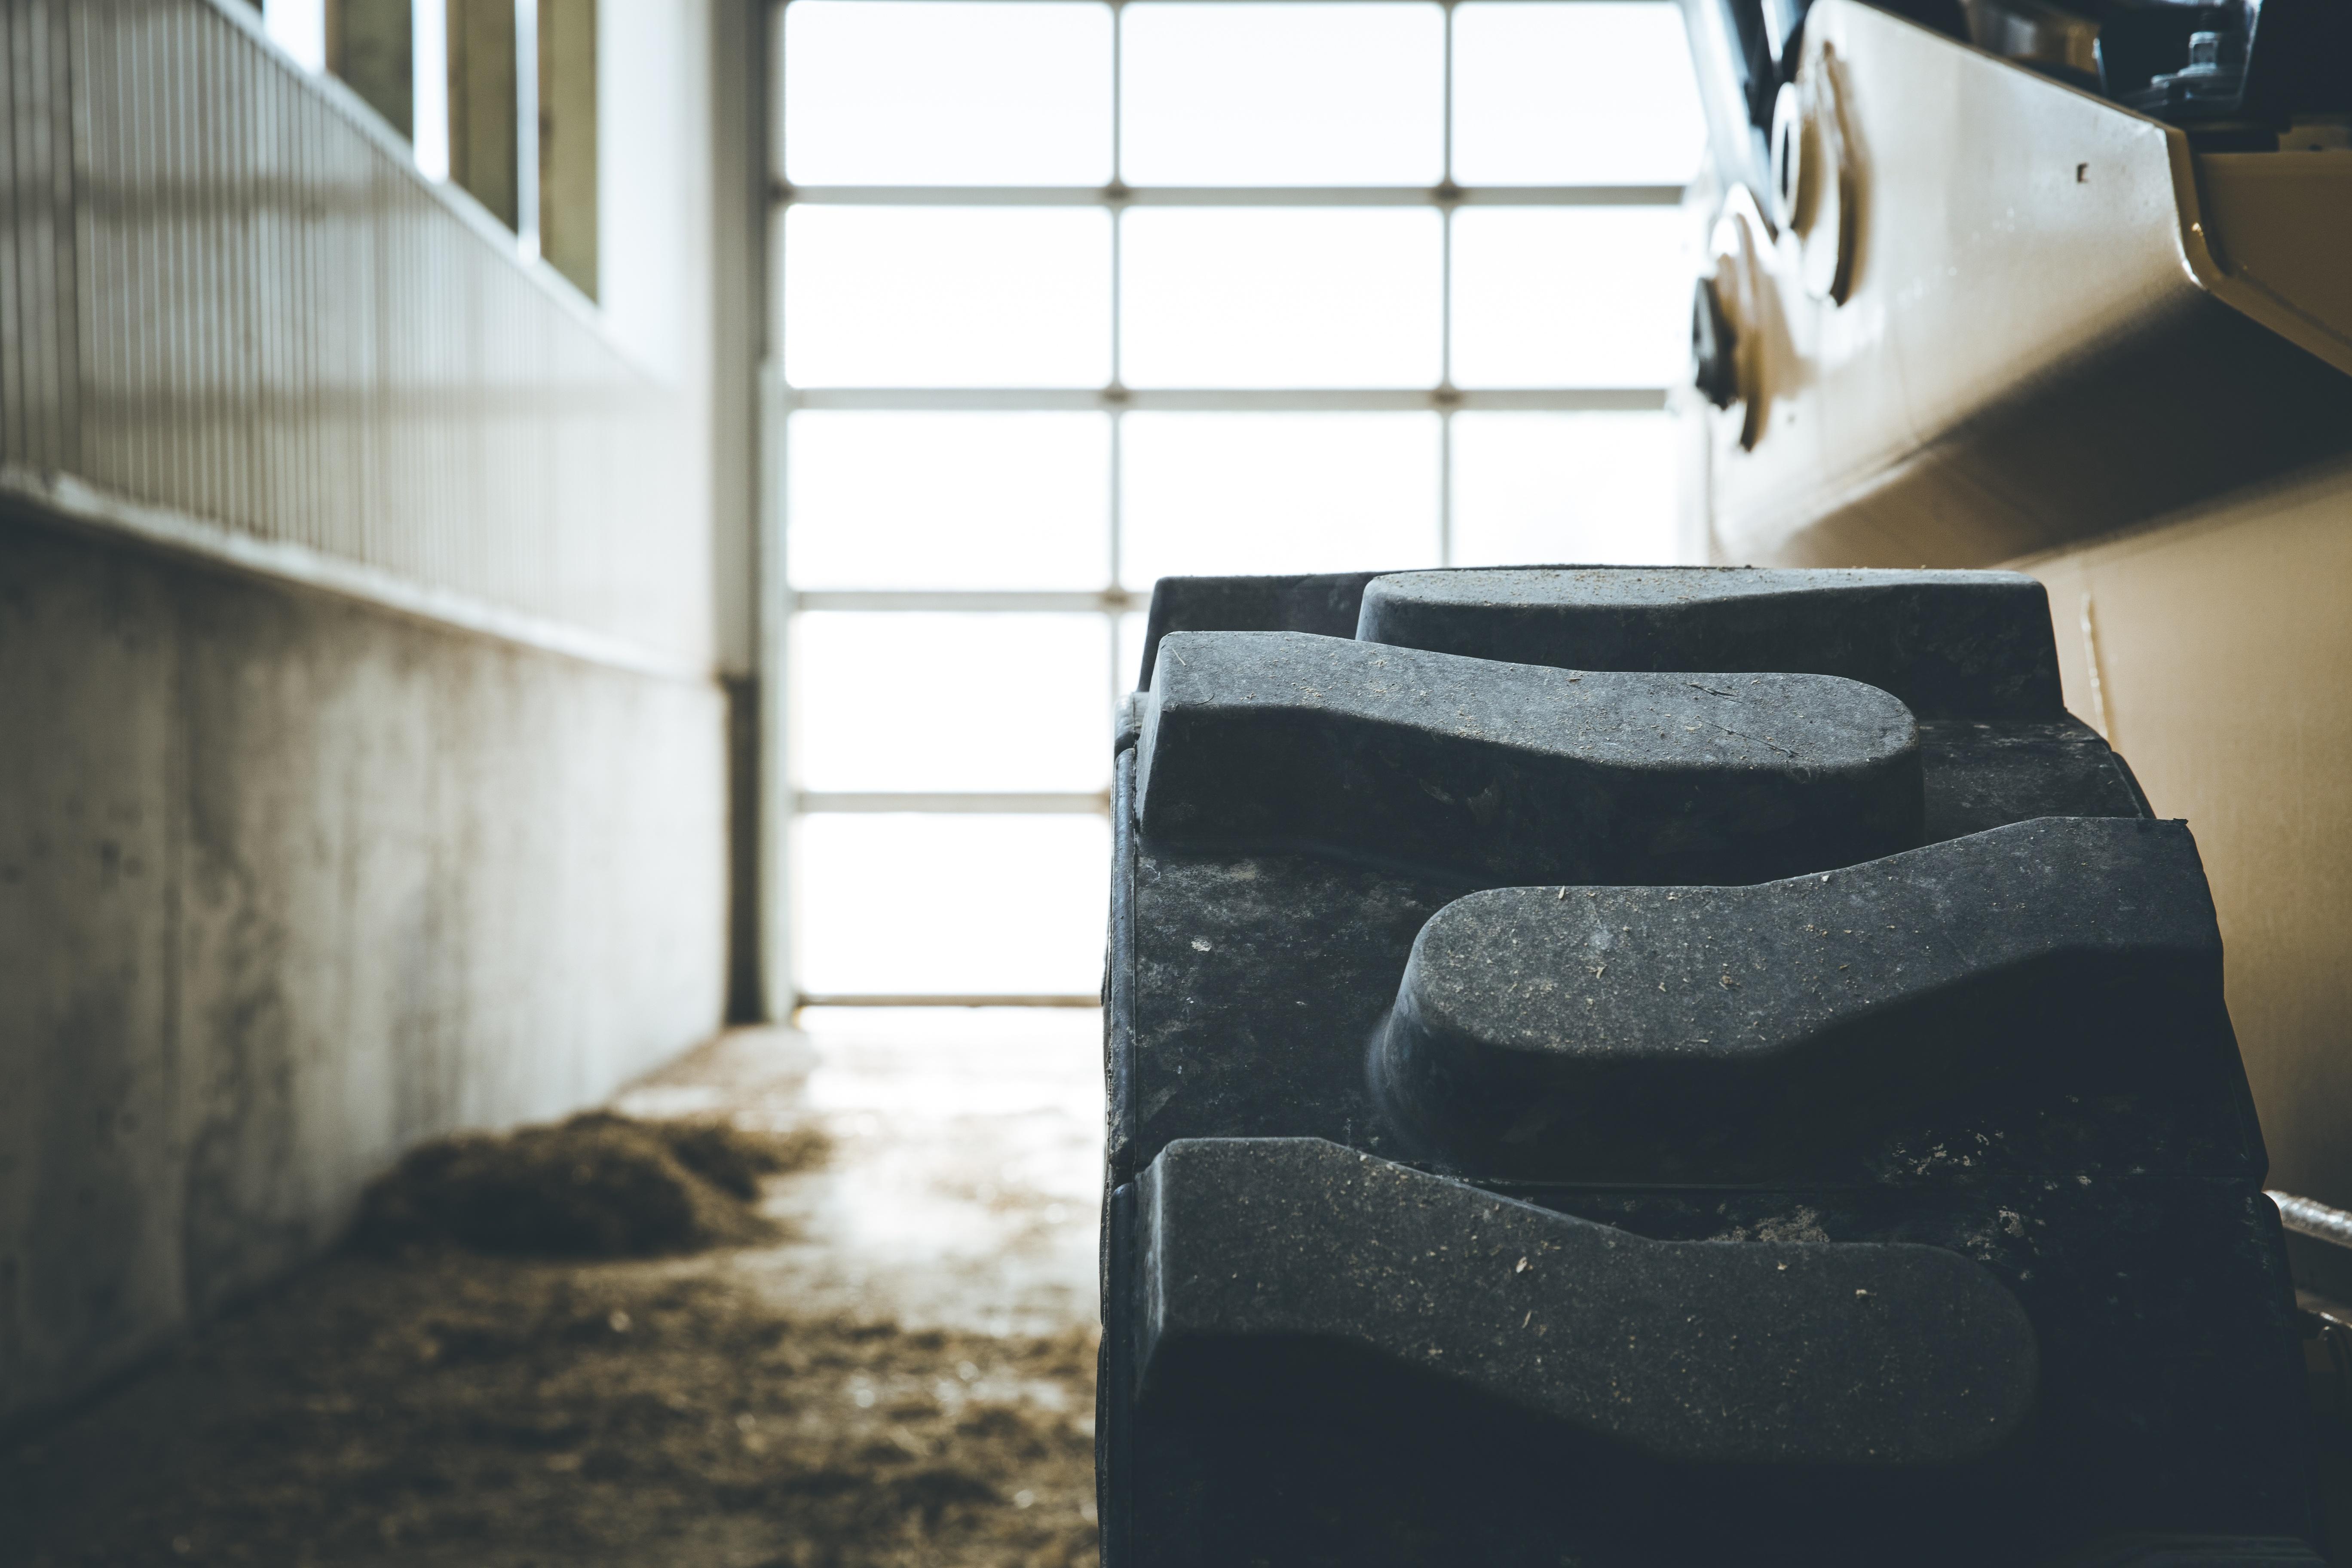 Dereks Wheels Complete Edited HR-47.jpg